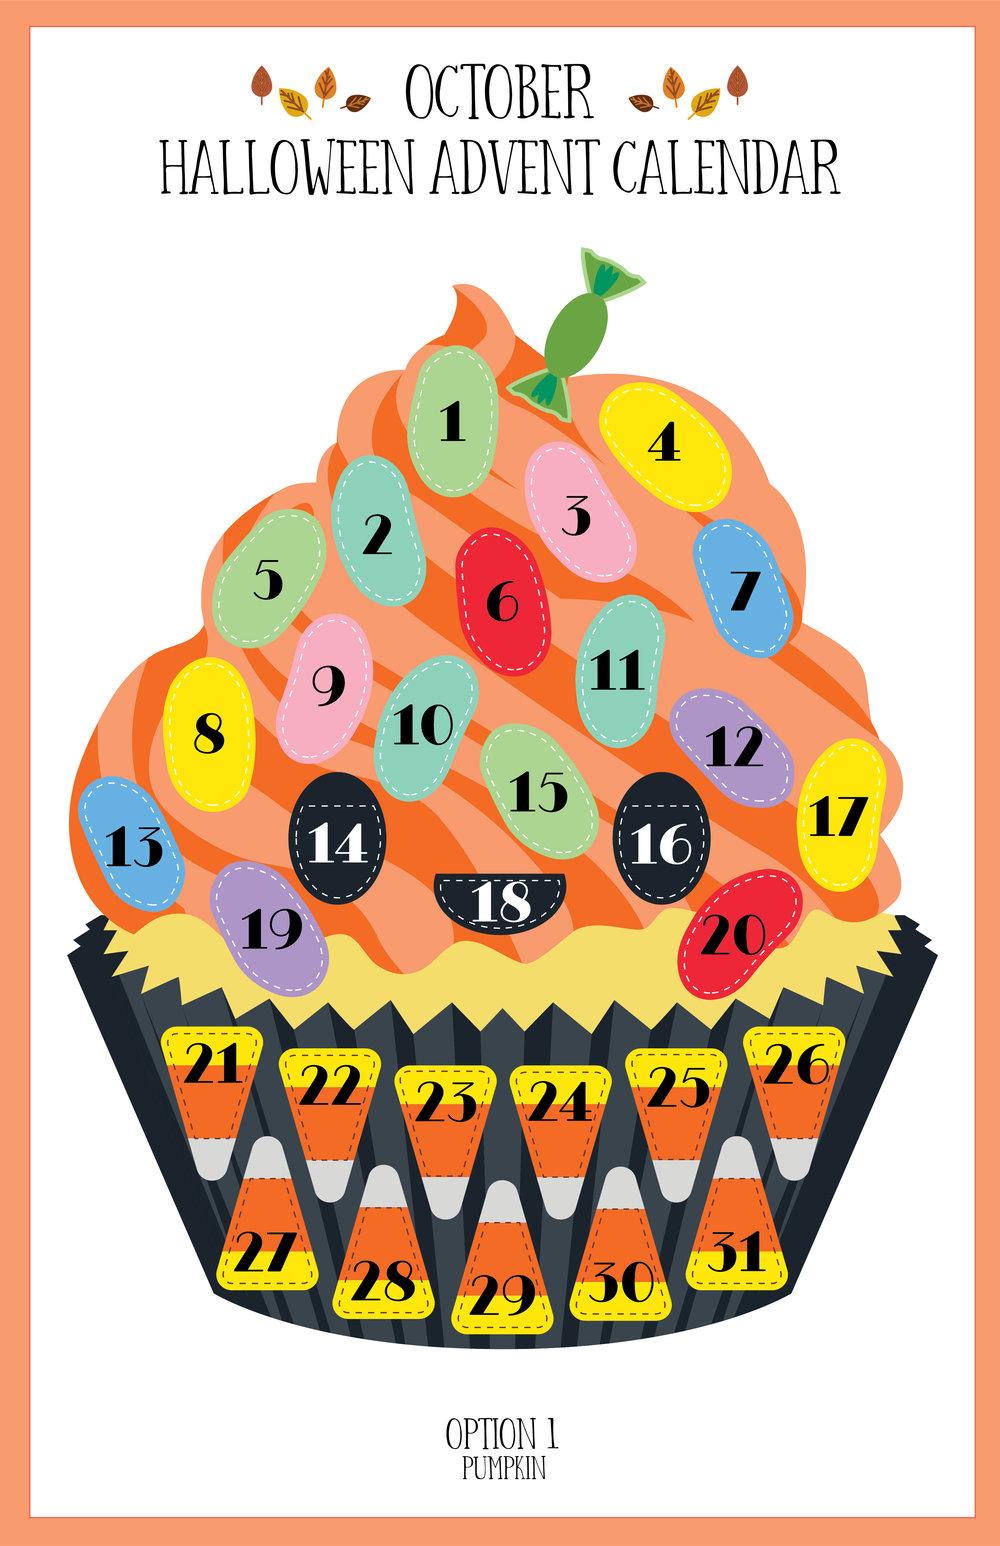 October 2018 Halloween Pumpkin Cupcake Advent Calendar